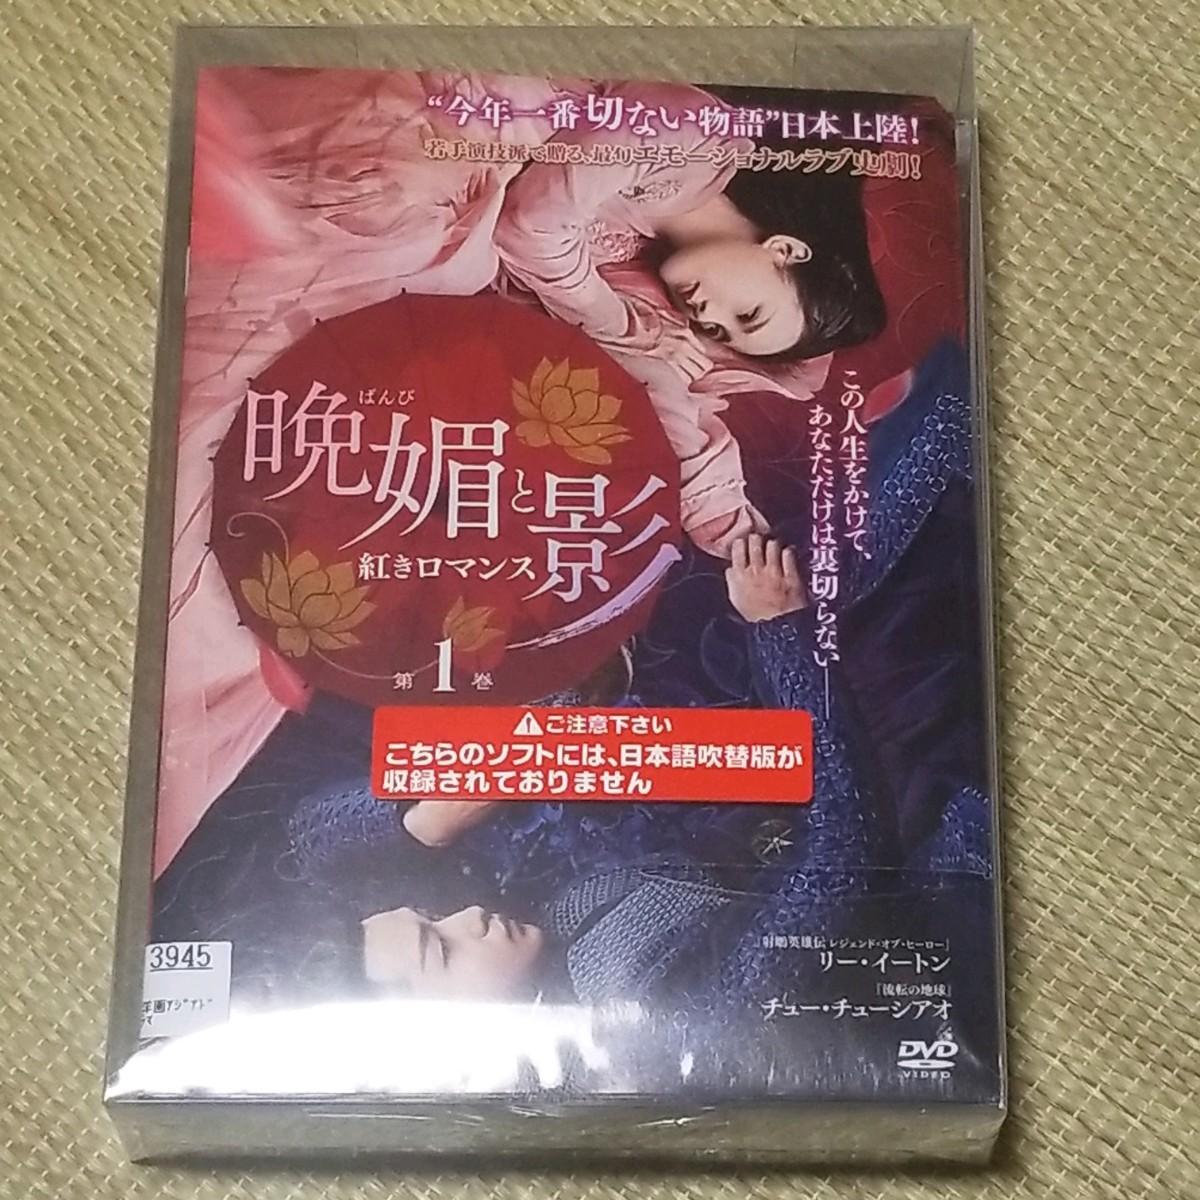 中国ドラマ 晩媚と影 全話セット